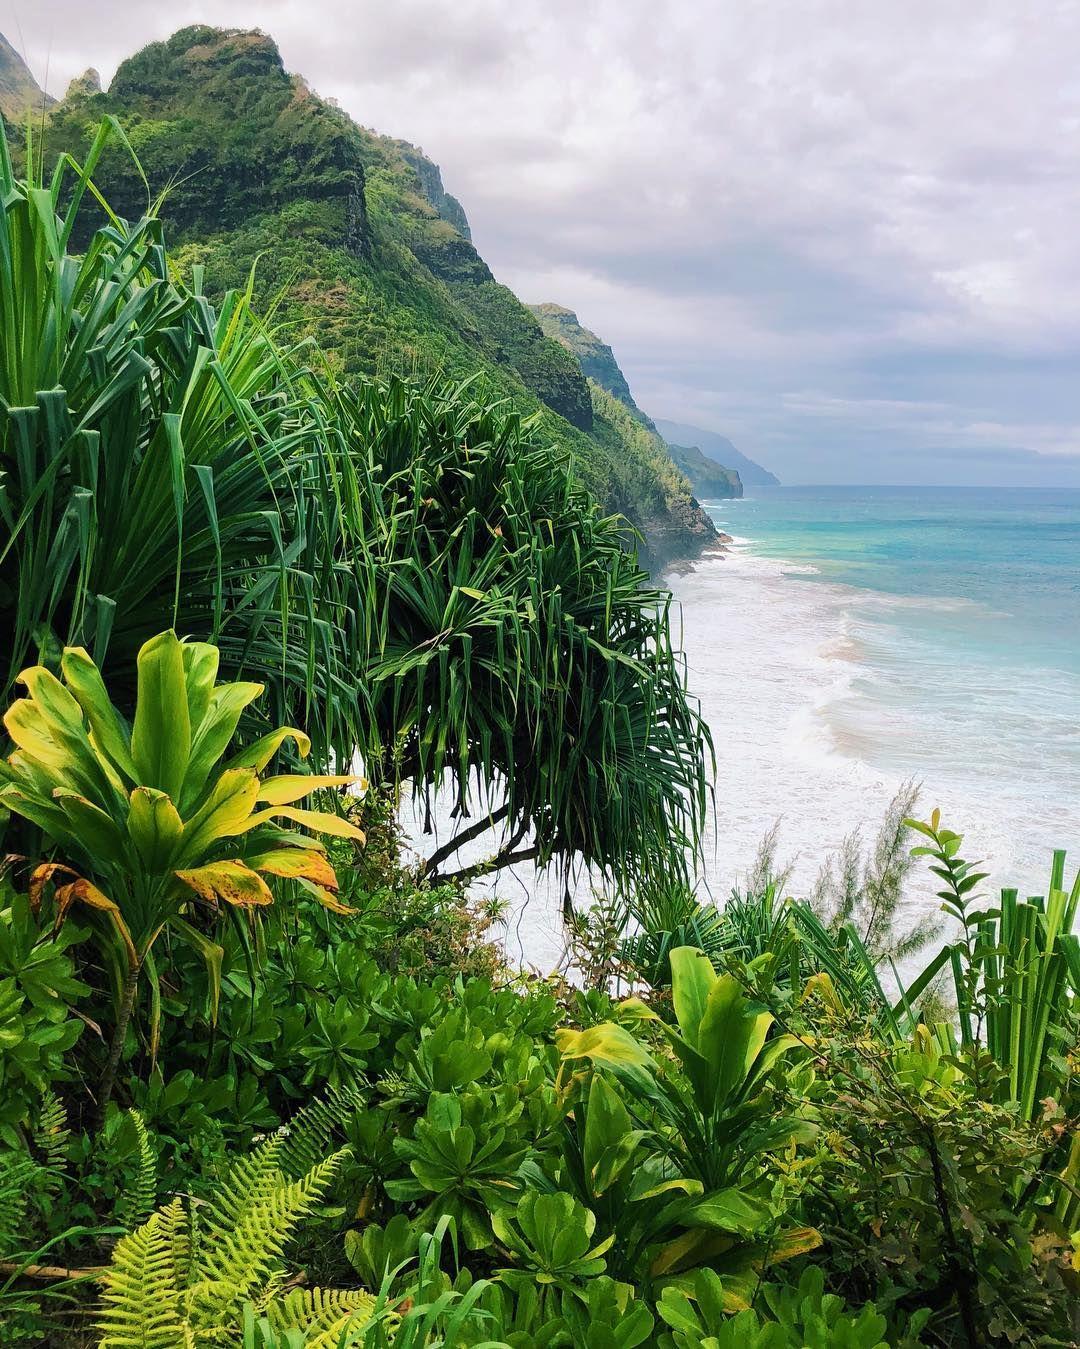 Kauai Hawaii The Dramatic Na Pali Coast With Misty Jungle Scenery On One Side And Crashing Blue Ocean Waves Kauai Travel Hawaii Travel Hawaii Travel Guide